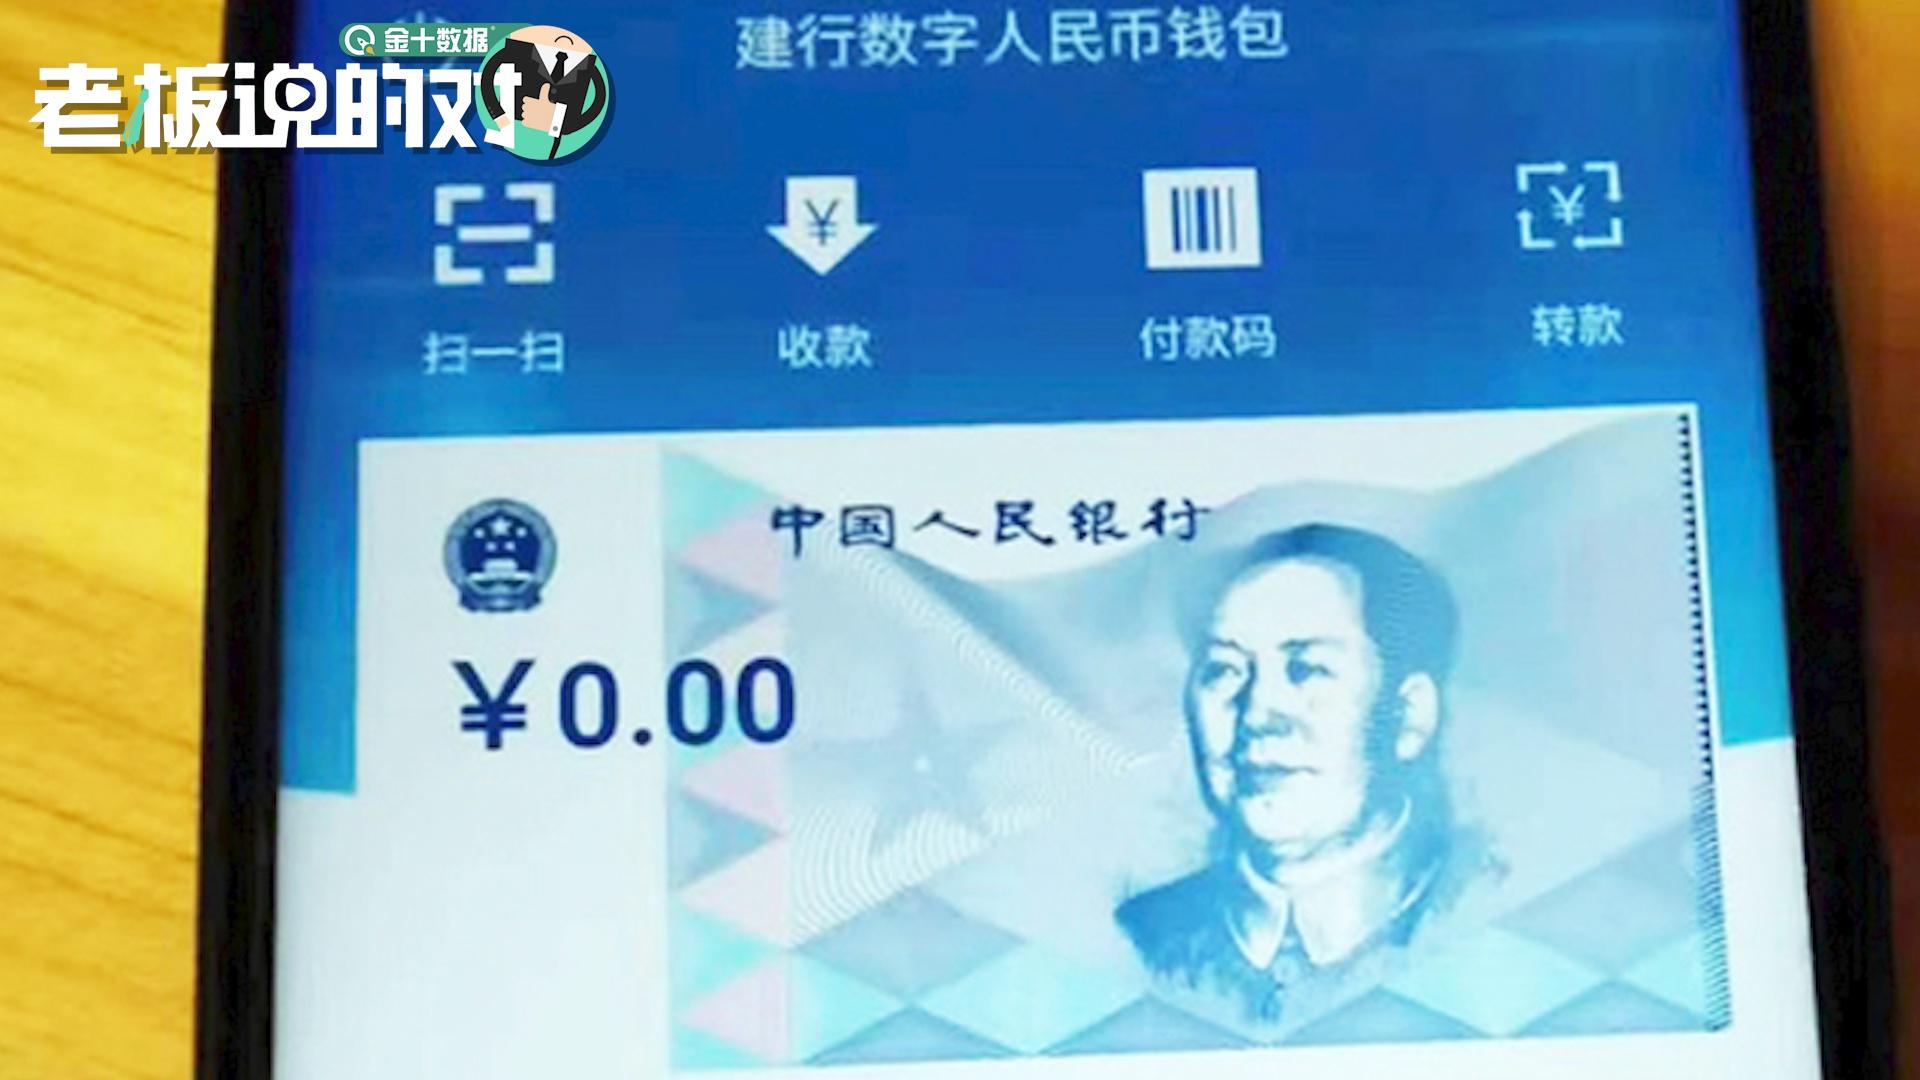 穆长春:市场上已出现假冒数字人民币钱包!和纸钞一样要防伪防假